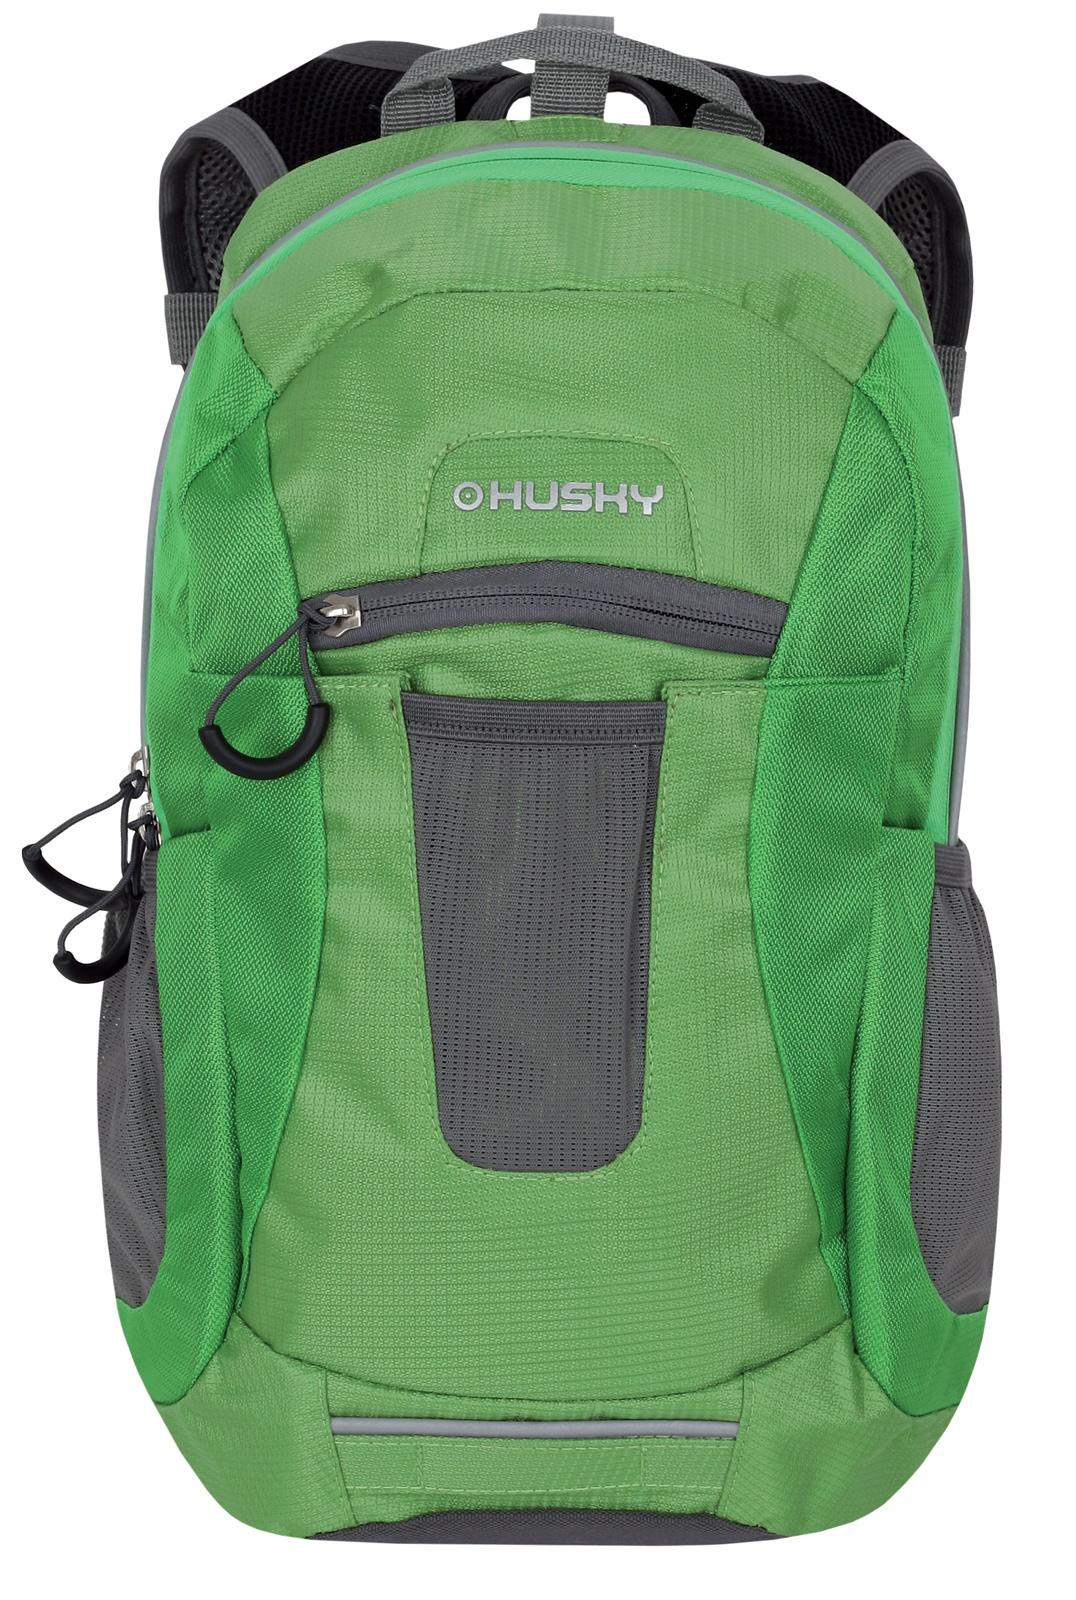 f5b1f6980 Batoh husky jelly 10l zelena | Sleviste.cz